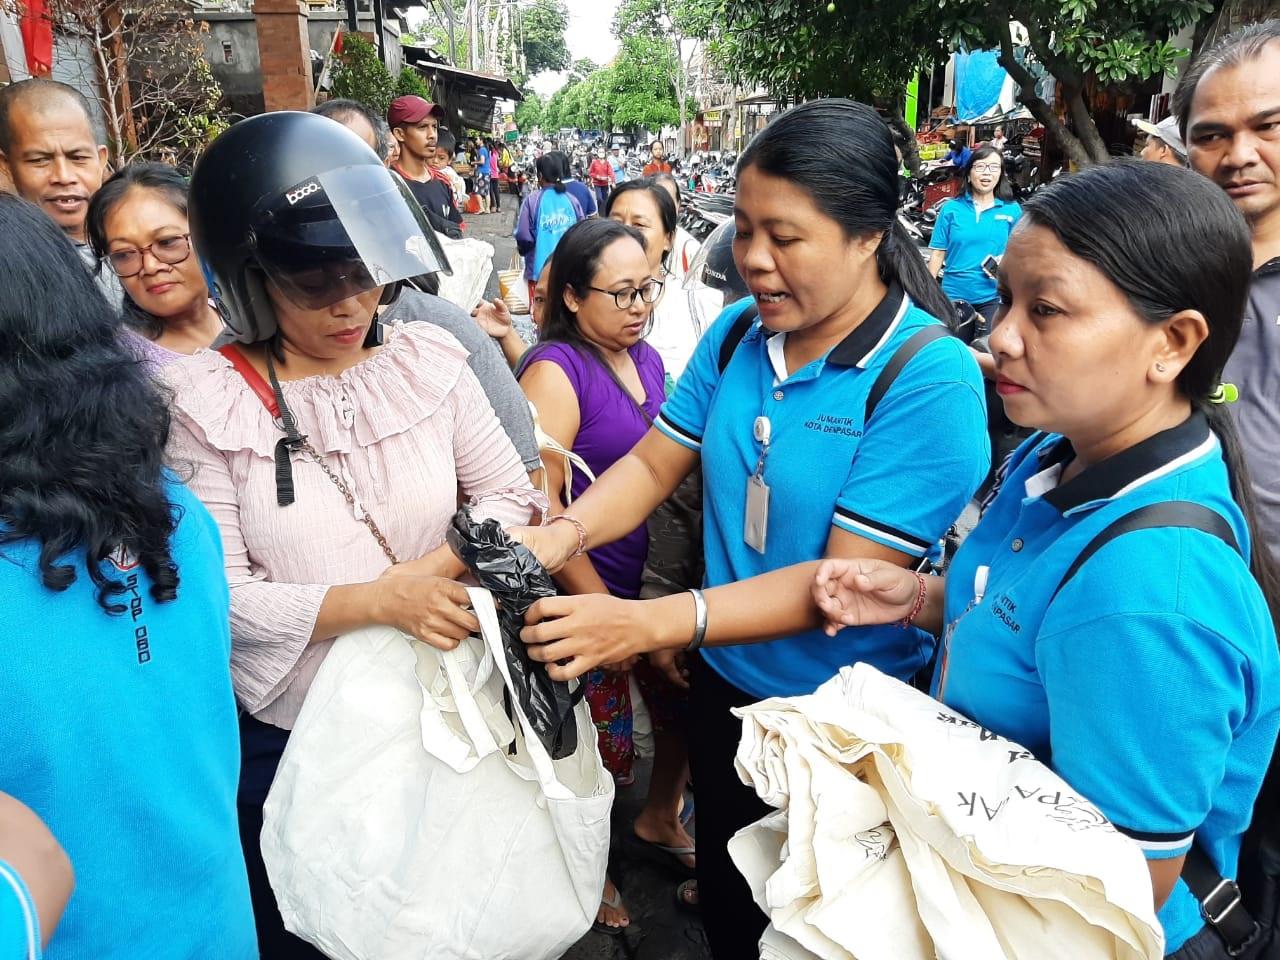 PEMBAGIAN tas ramah lingkungan kepada para pembeli di Pasar Ketapian, Denpasar Timur, Jumat (6/3/2020). Foto: istimewa.